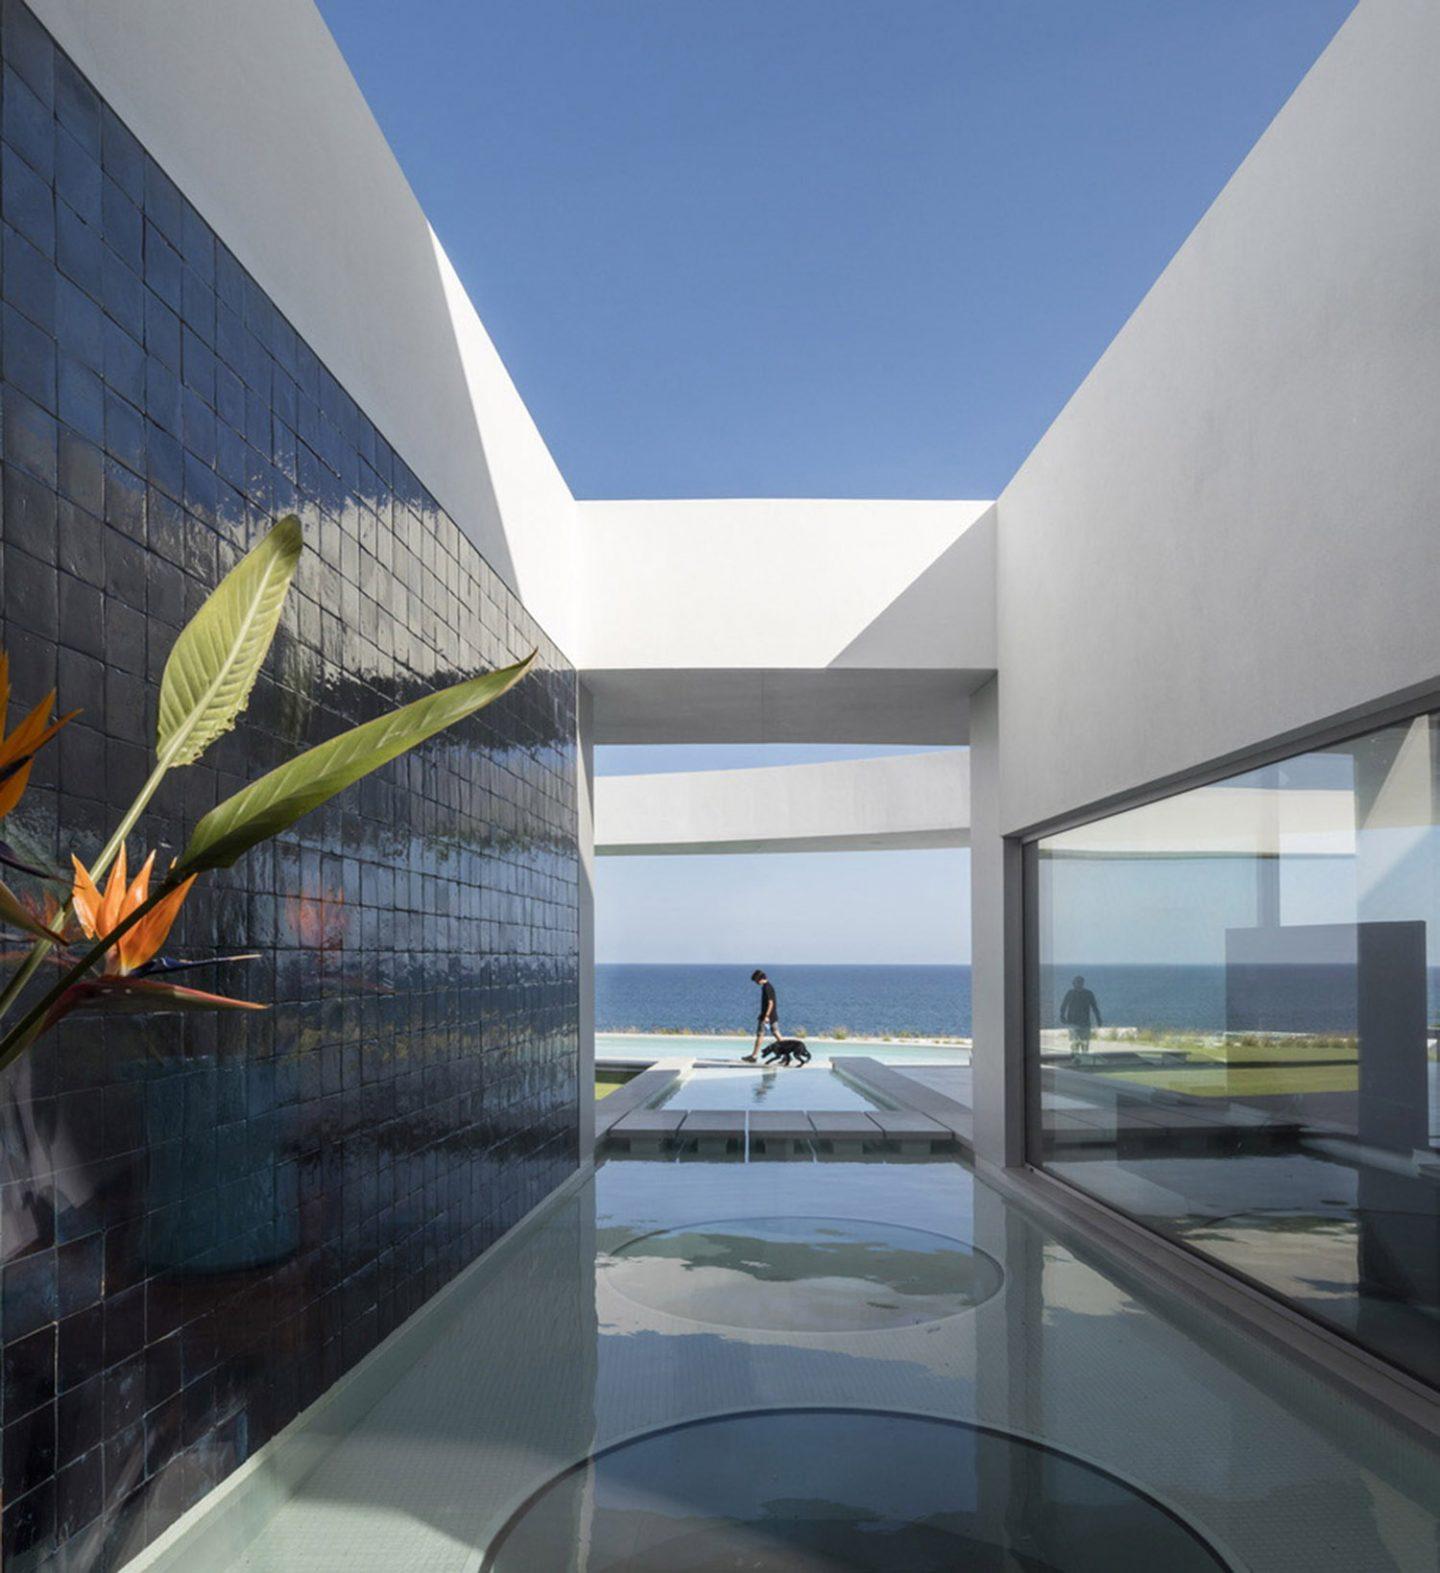 Architecture_CasaEliptica_MarioMartinsAtelier12